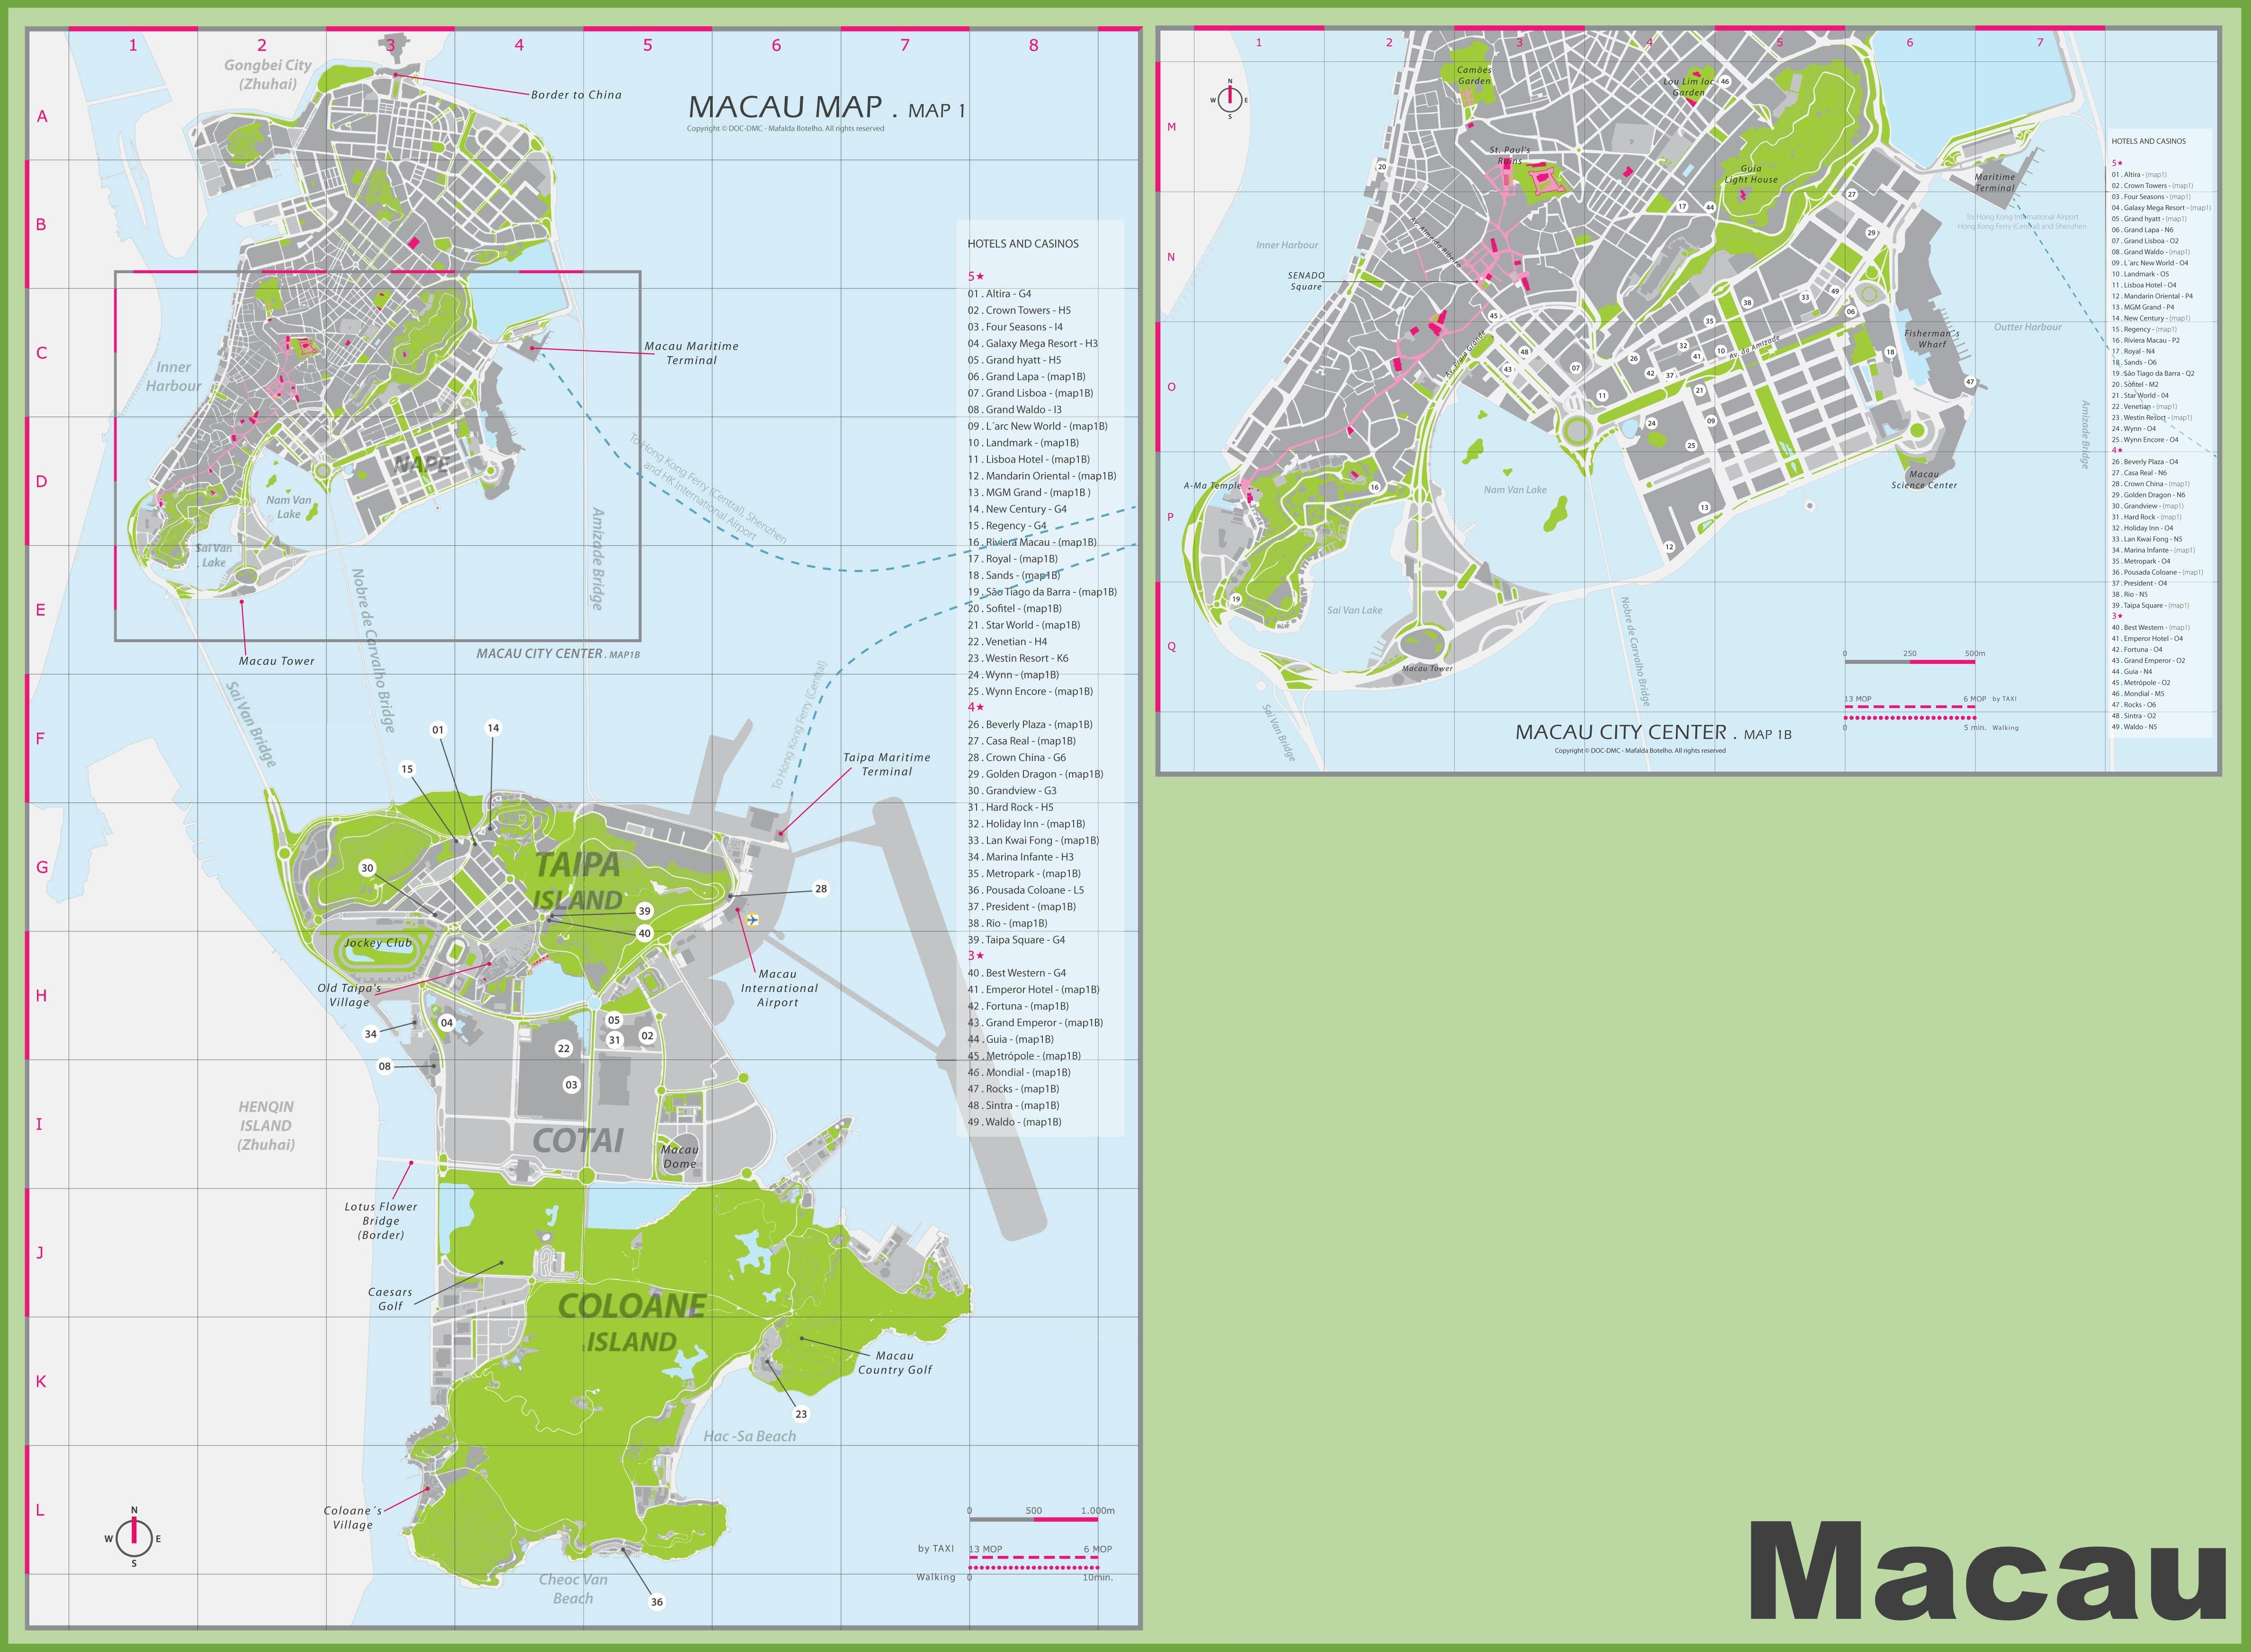 Macau Hotel And Casino Map - Macau map